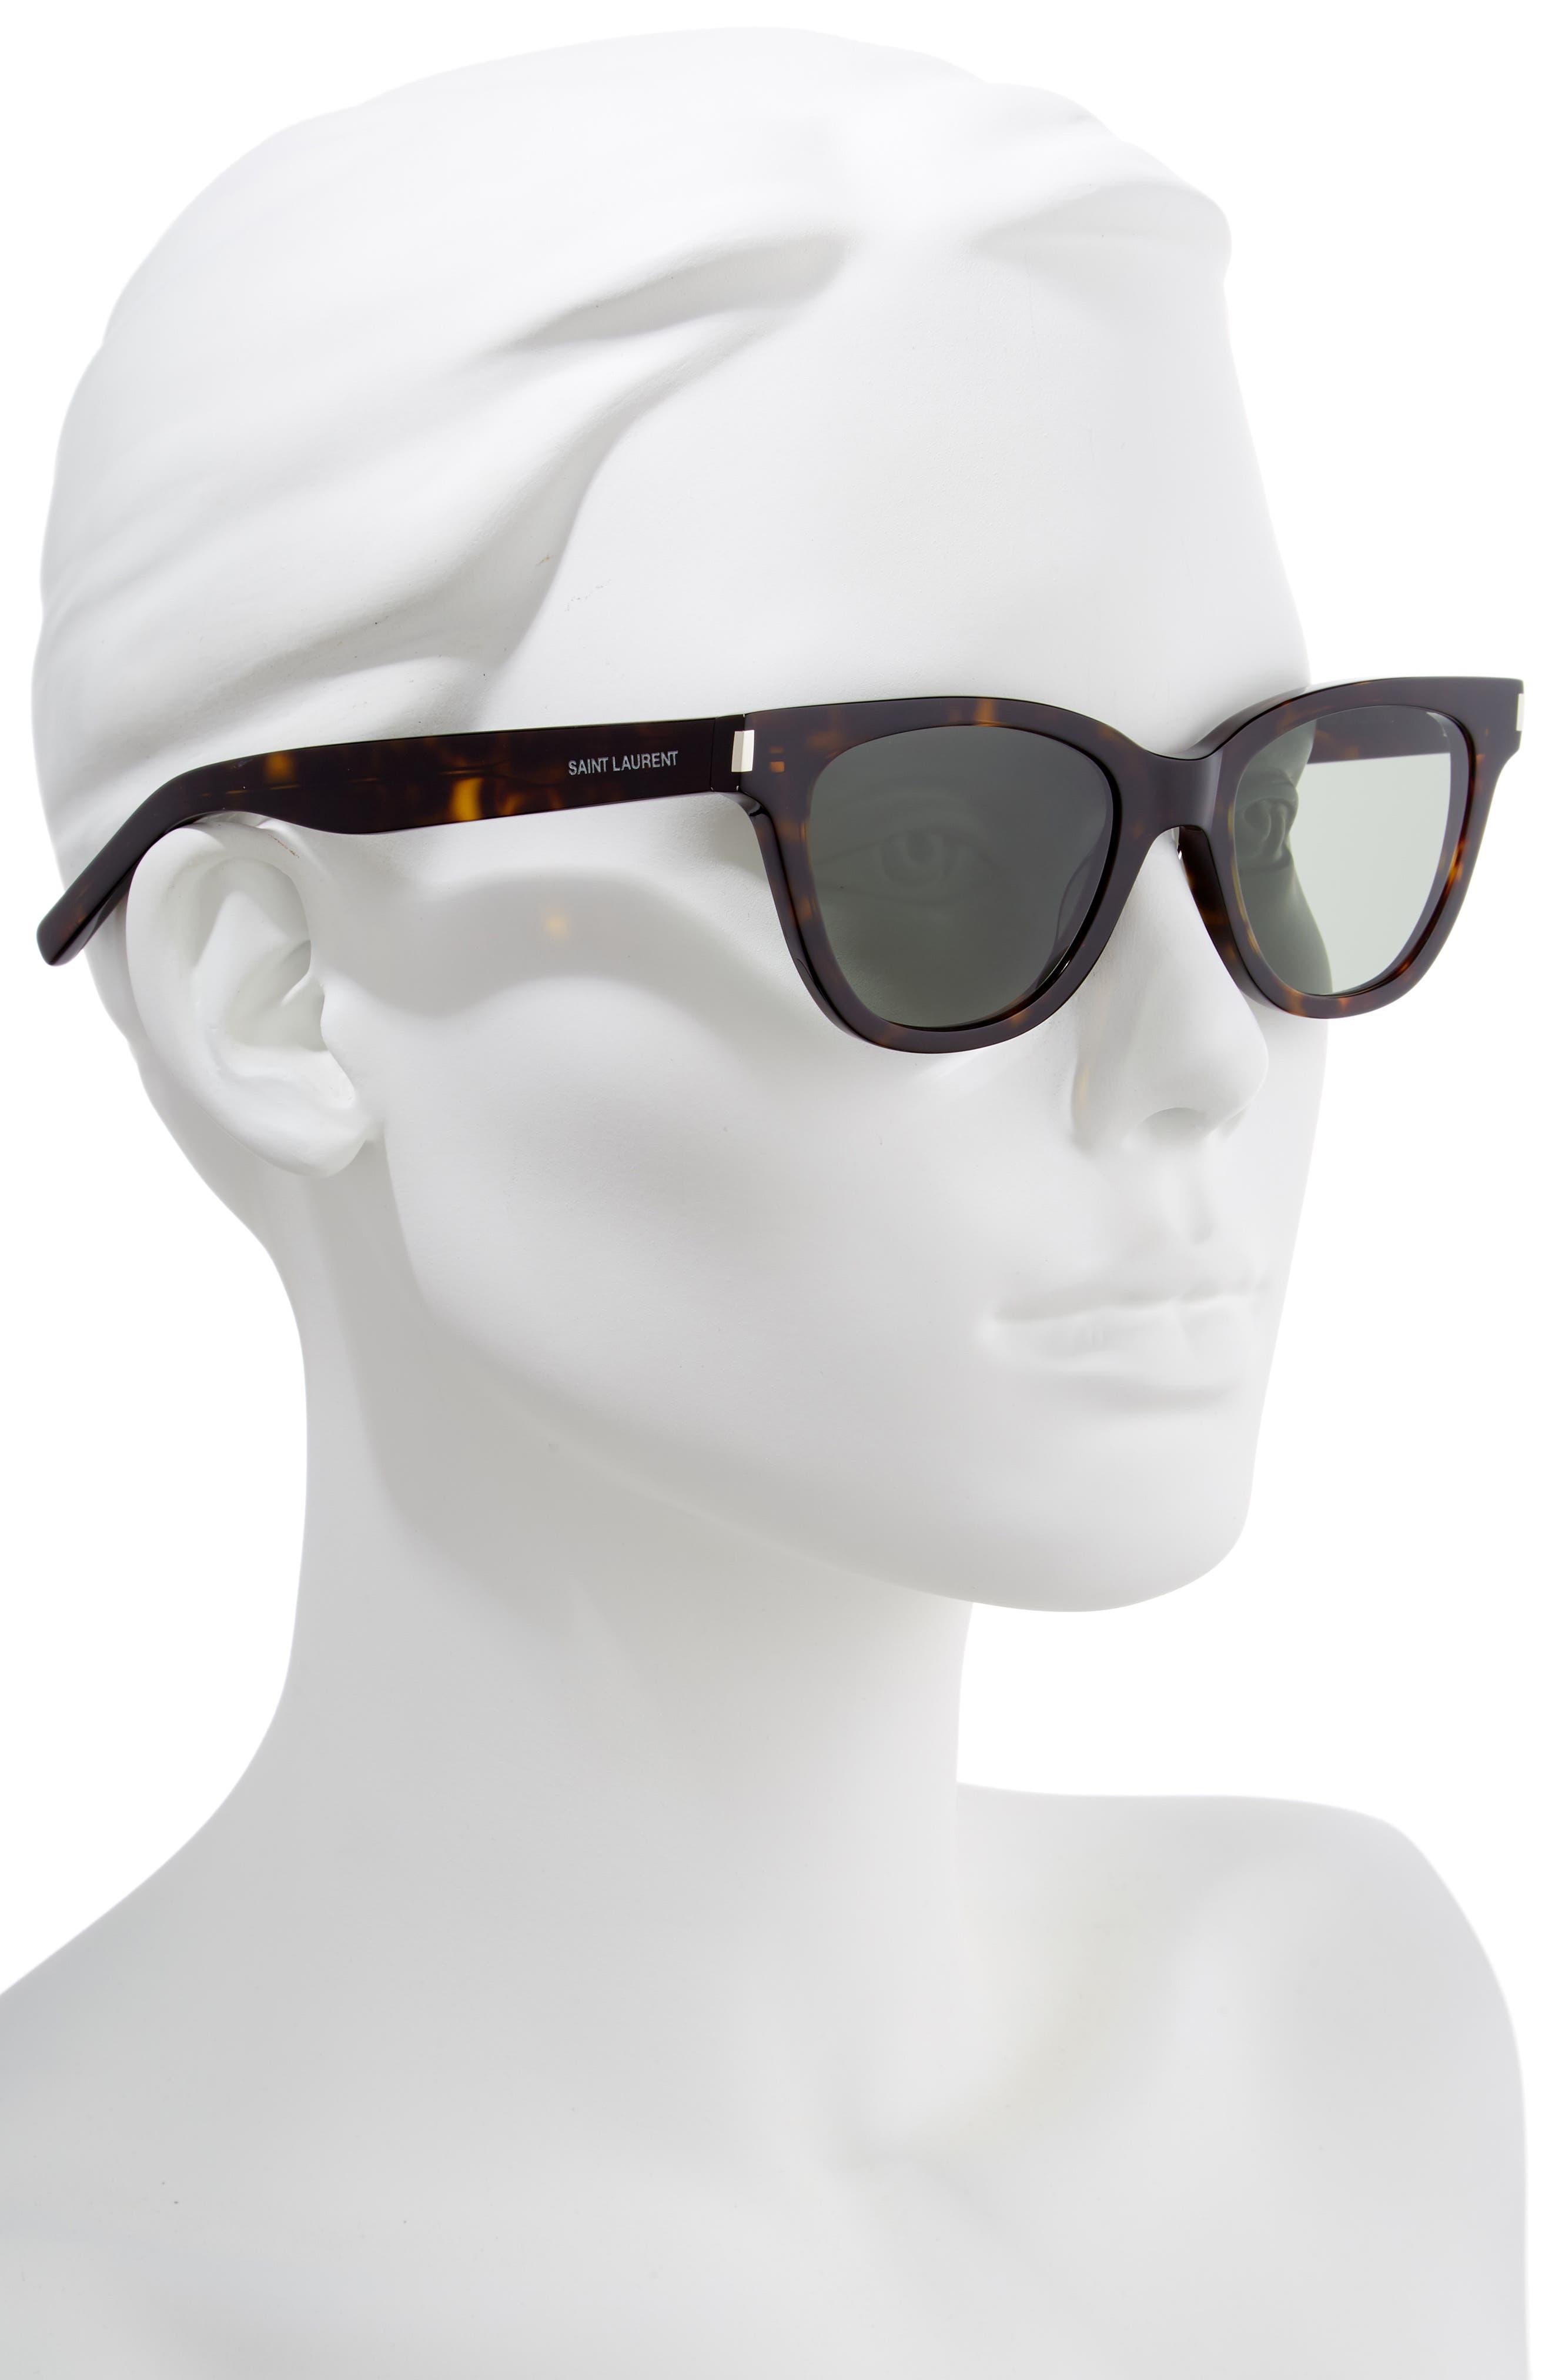 51mm Cat Eye Sunglasses,                             Alternate thumbnail 2, color,                             DARK HAVANA/ GREEN